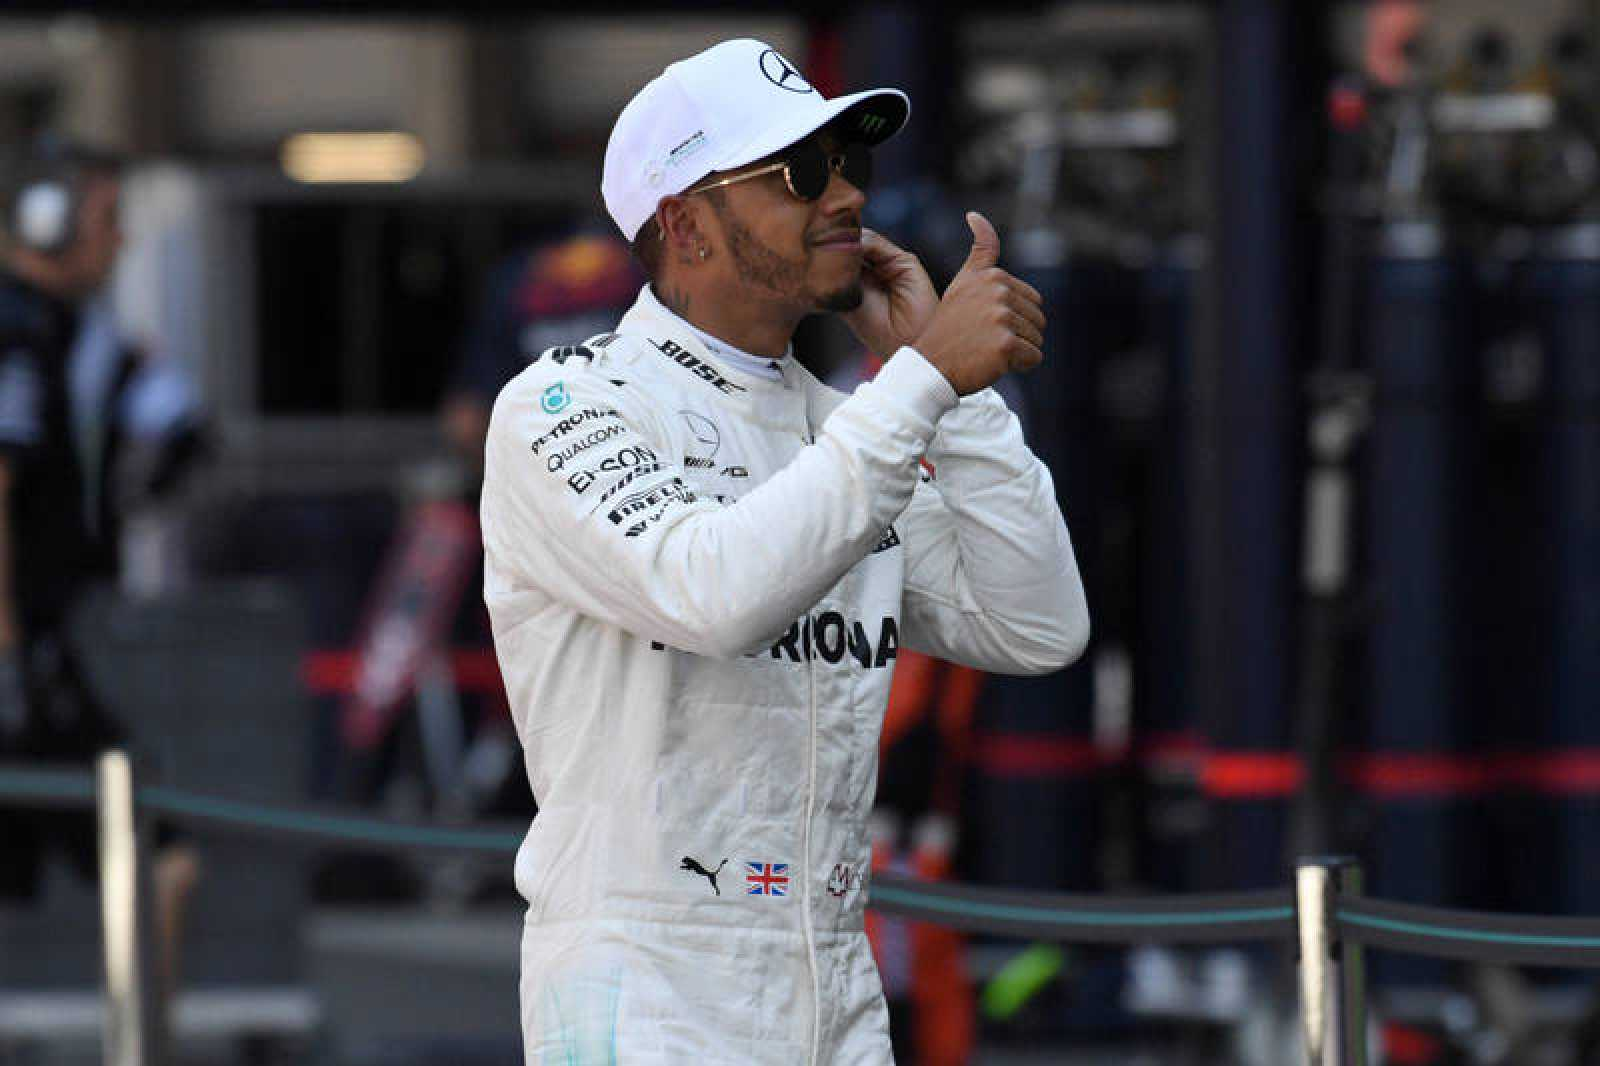 El británico Lewis Hamilton es el nuevo campeón del mundo de F1.